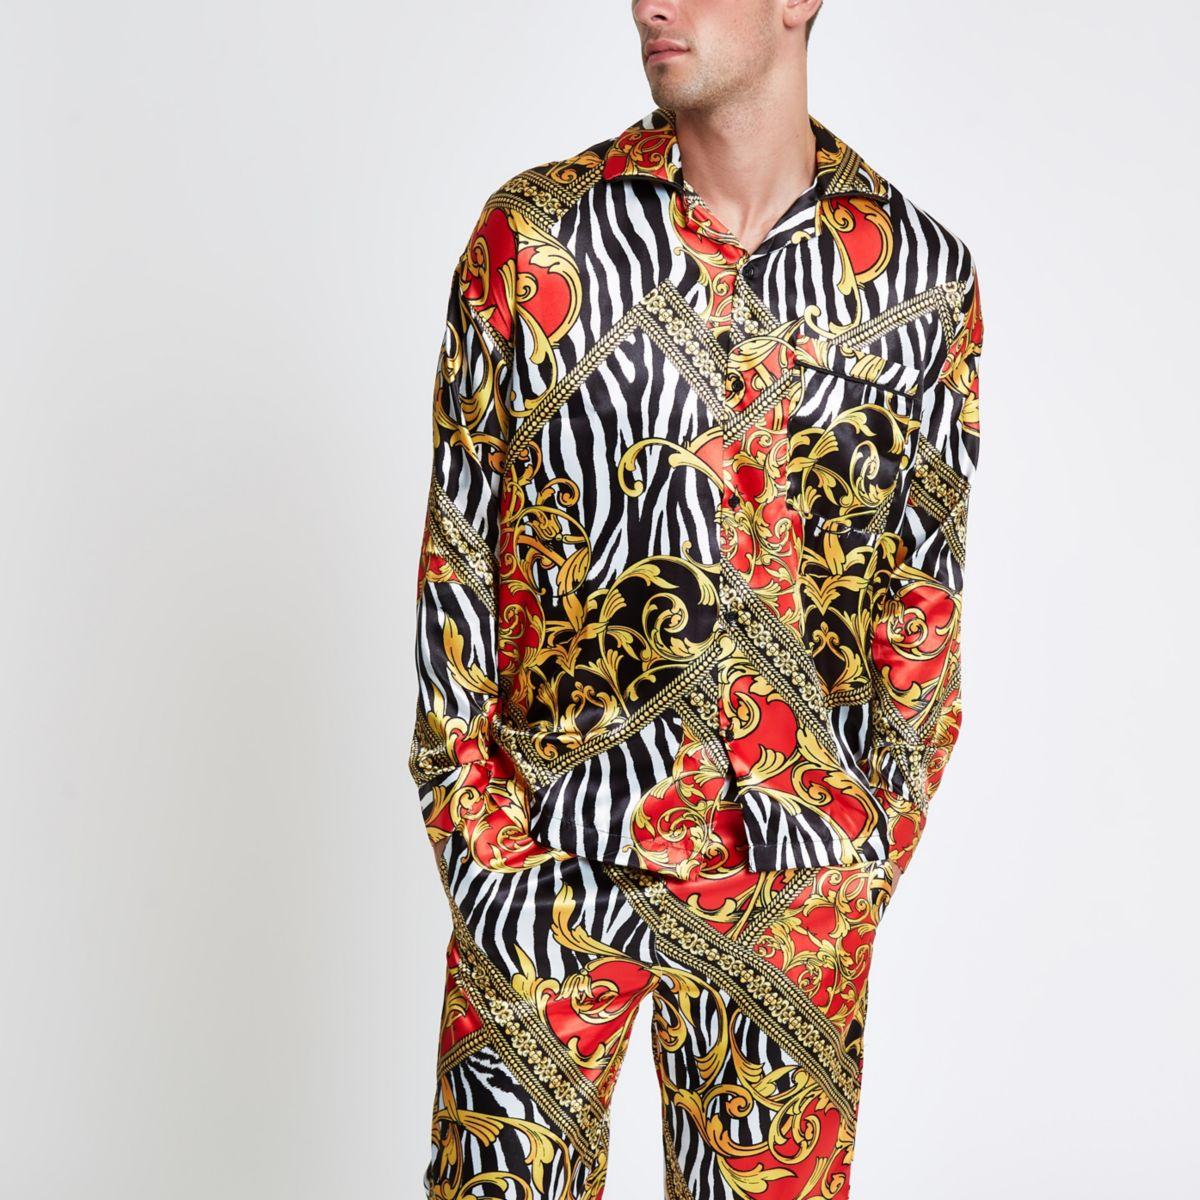 Jaded yellow zebra print pajama shirt